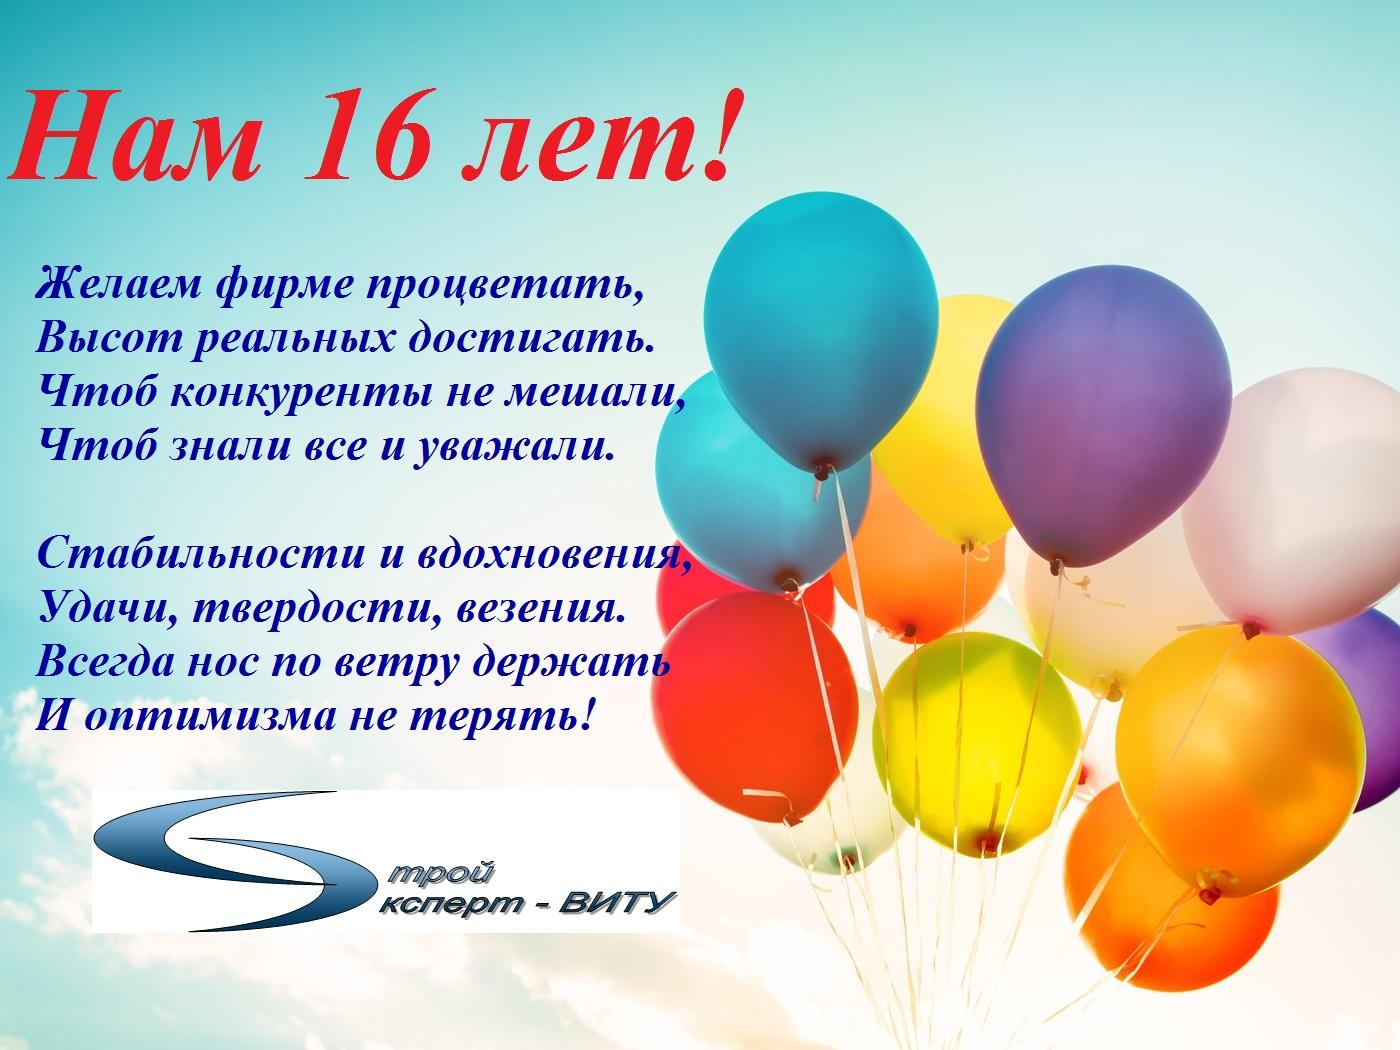 Компании СтройЭксперт-ВИТУ 16 лет!